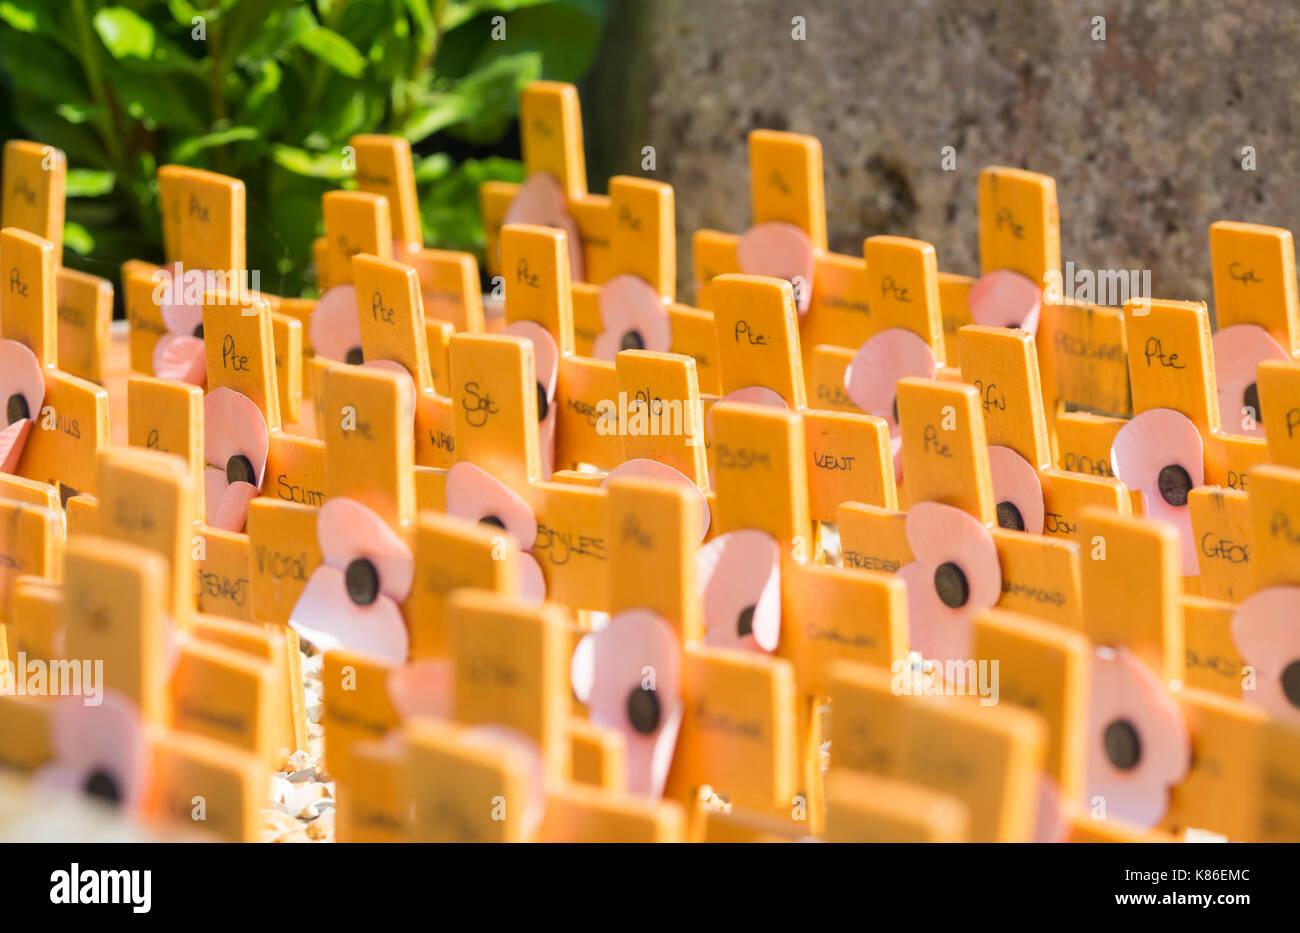 Traverse pour représenter ceux qui sont morts à la guerre, par le monument aux morts à Arundel, West Sussex, Angleterre, Royaume-Uni. Photo Stock